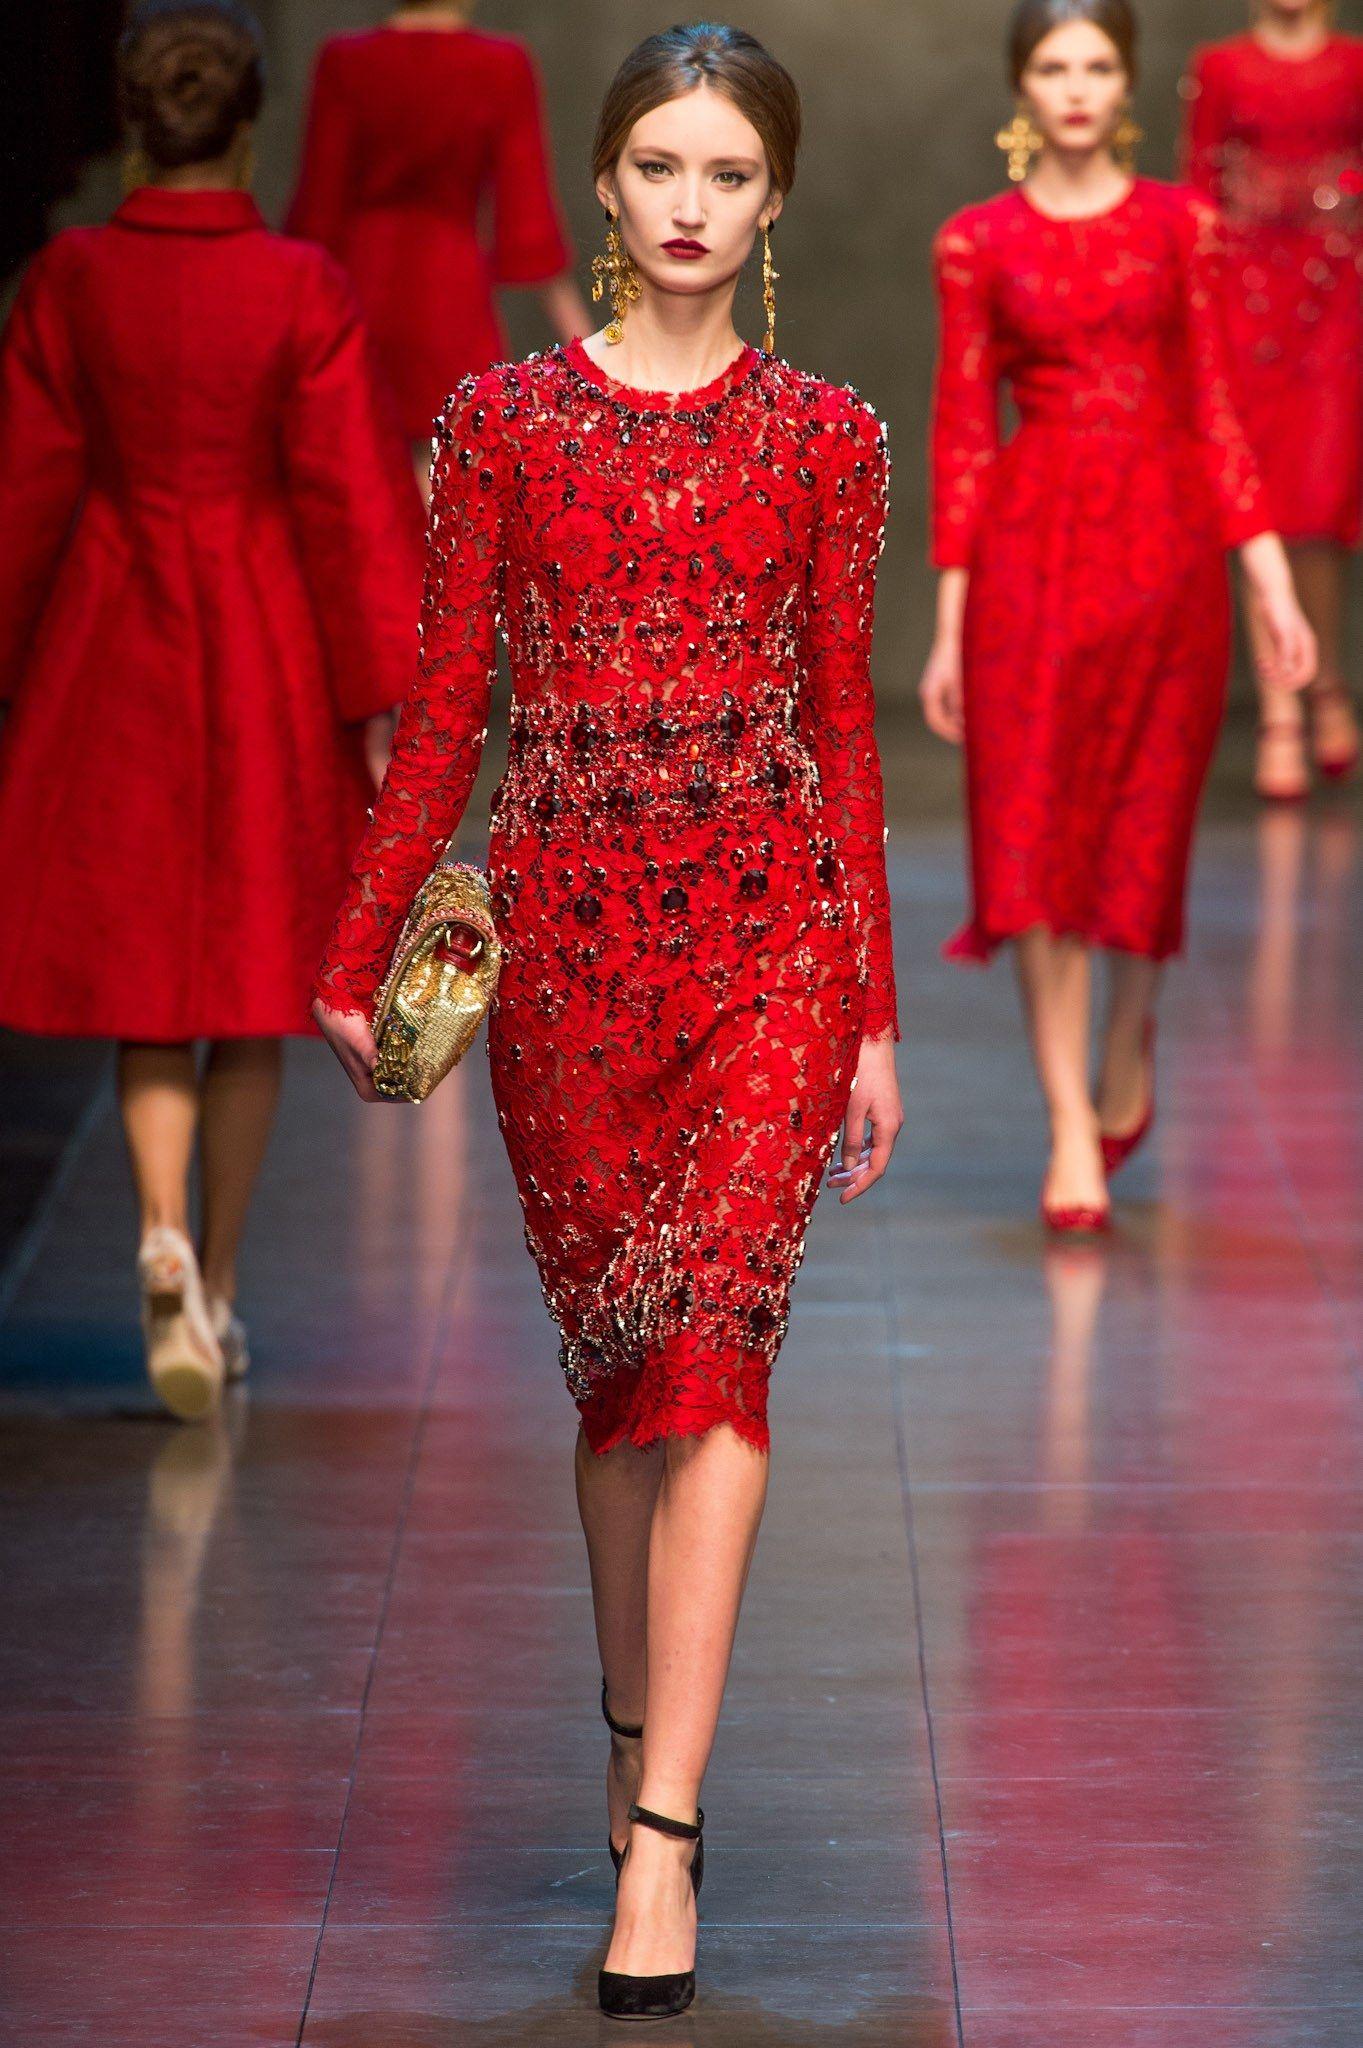 Dolce & Gabbana Fall 2013 Ready-to-Wear Fashion Show - Alex Yuryeva